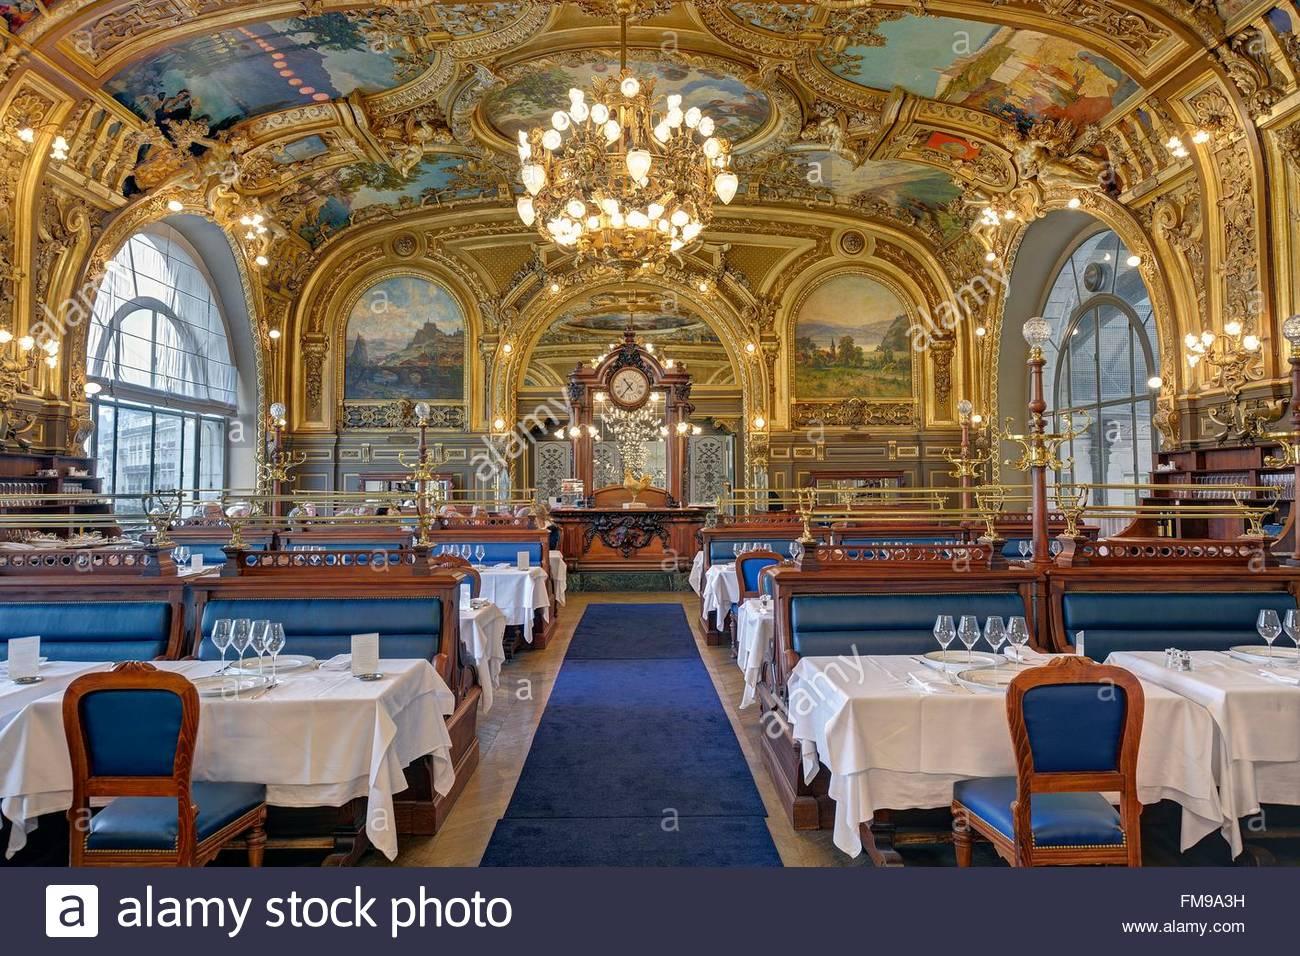 Souvent France, Paris, gare de Lyon (Lyon railway station), Le train Bleu  KY01